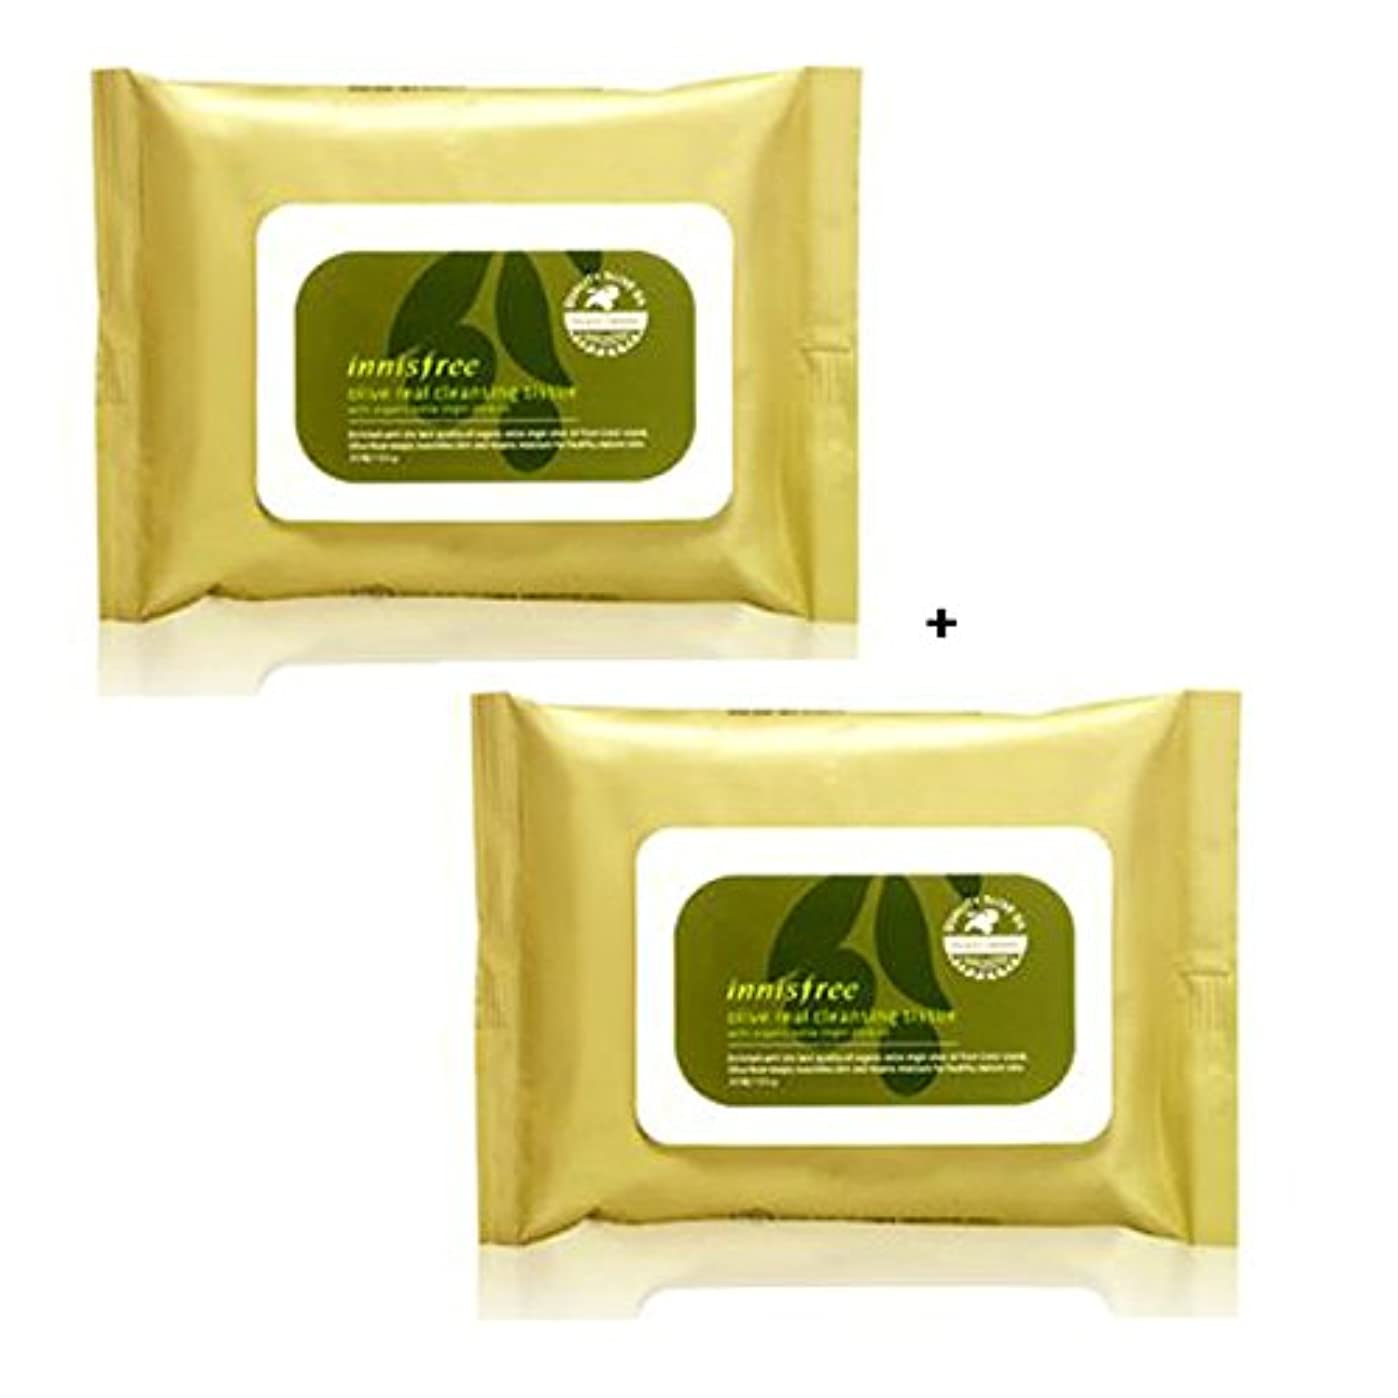 改修する道に迷いました小麦粉イニスフリー Innisfree オリーブリアル クレンジングティッシュ (30枚x2) Innisfree Olive Real Cleansing Tissue (30sheetsx2Pcs) [海外直送品]